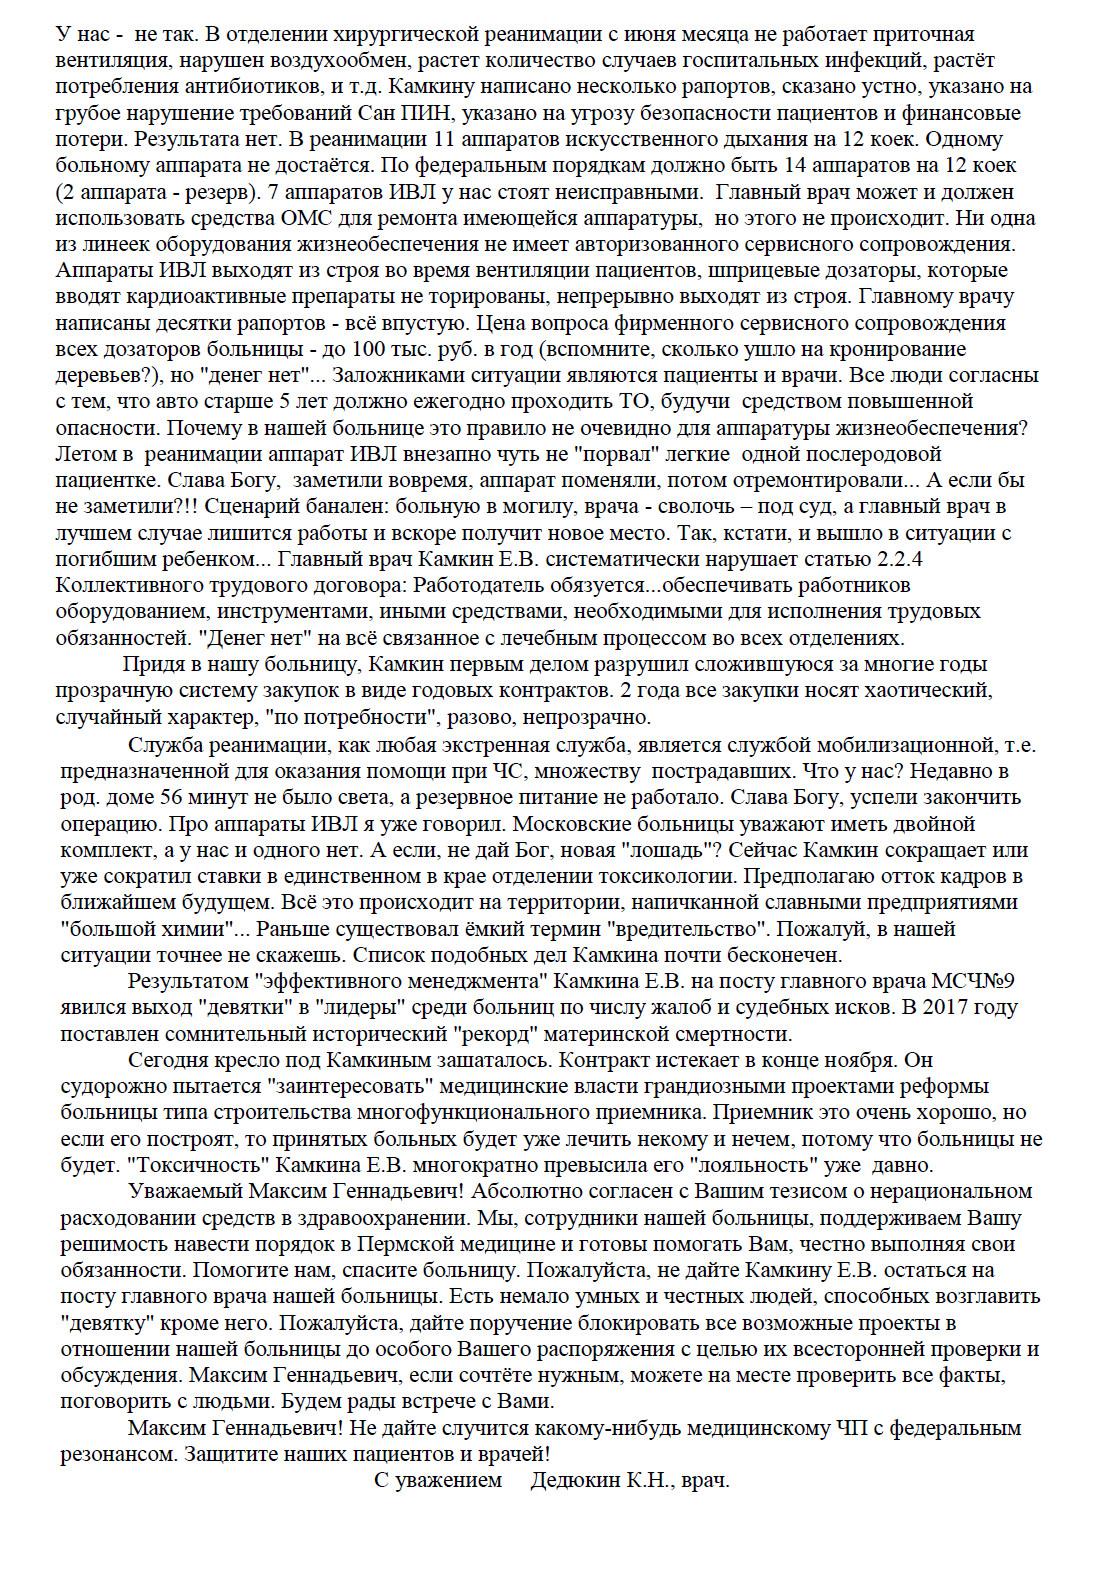 Врач анестезиолог-реаниматолог МСЧ№9 (г. Пермь)Кирилл Дедюкиннаправил письмо губернатору Максиму Решетникову через интернет-приёмную Пермского края. Всвоём письме врач рассказывает опроблемах больницы, вкоторой онработает более 20лет, возникших после того, какеёруководителемстал Евгений Камкин,передаёт 29 ноября местное изданиеzvzda.